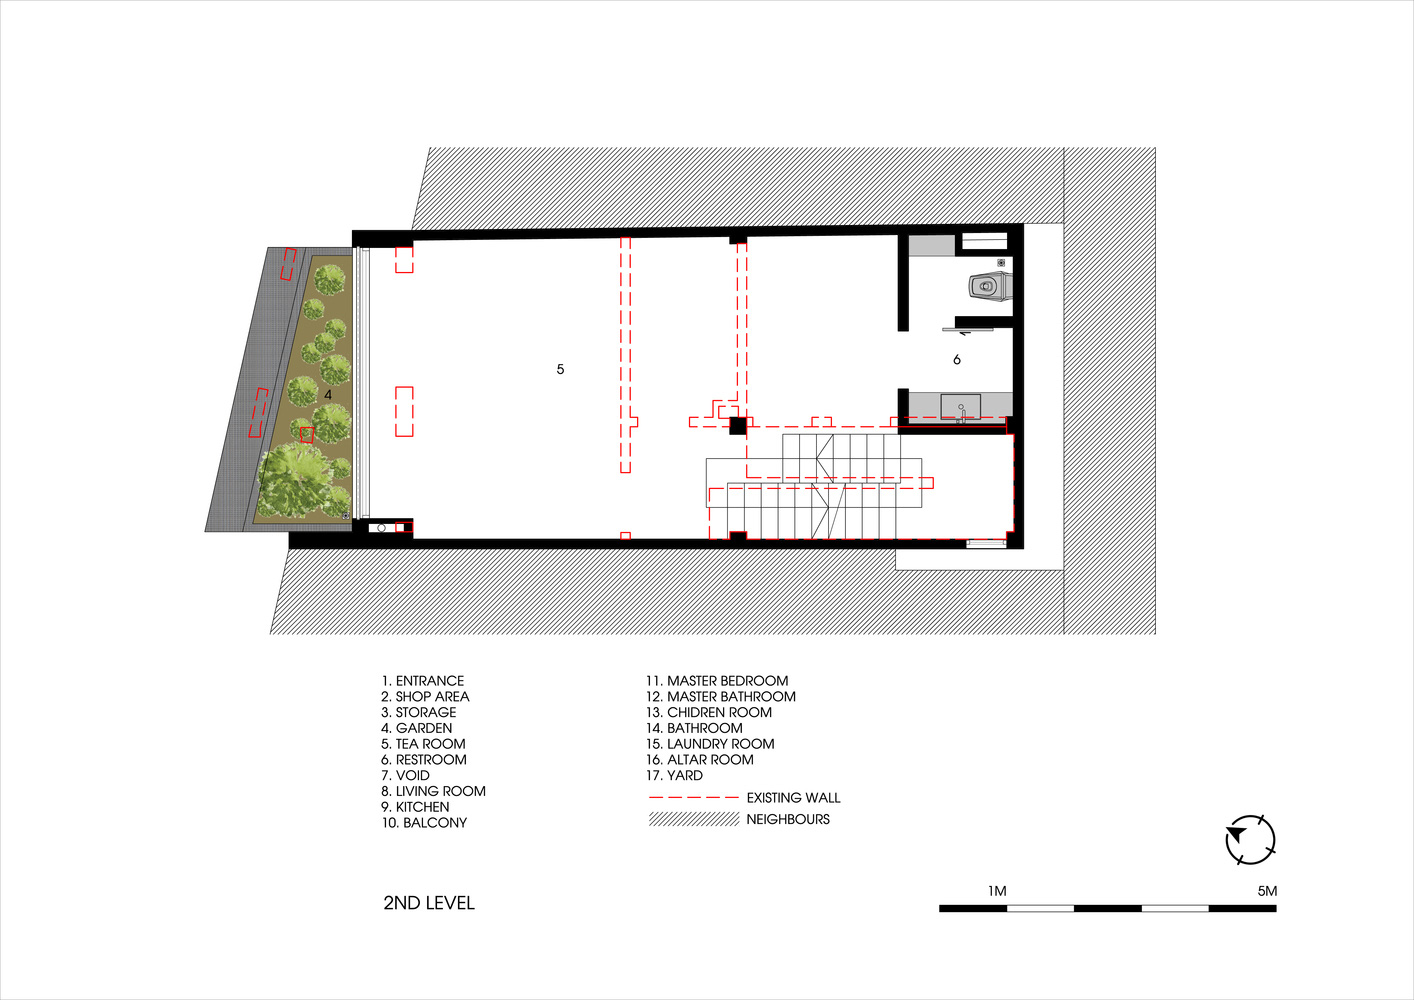 Ngôi nhà 49m2, 3 thế hệ cùng chung sống tại Hà Nội được giới thiệu trên báo Mỹ - Ảnh 14.